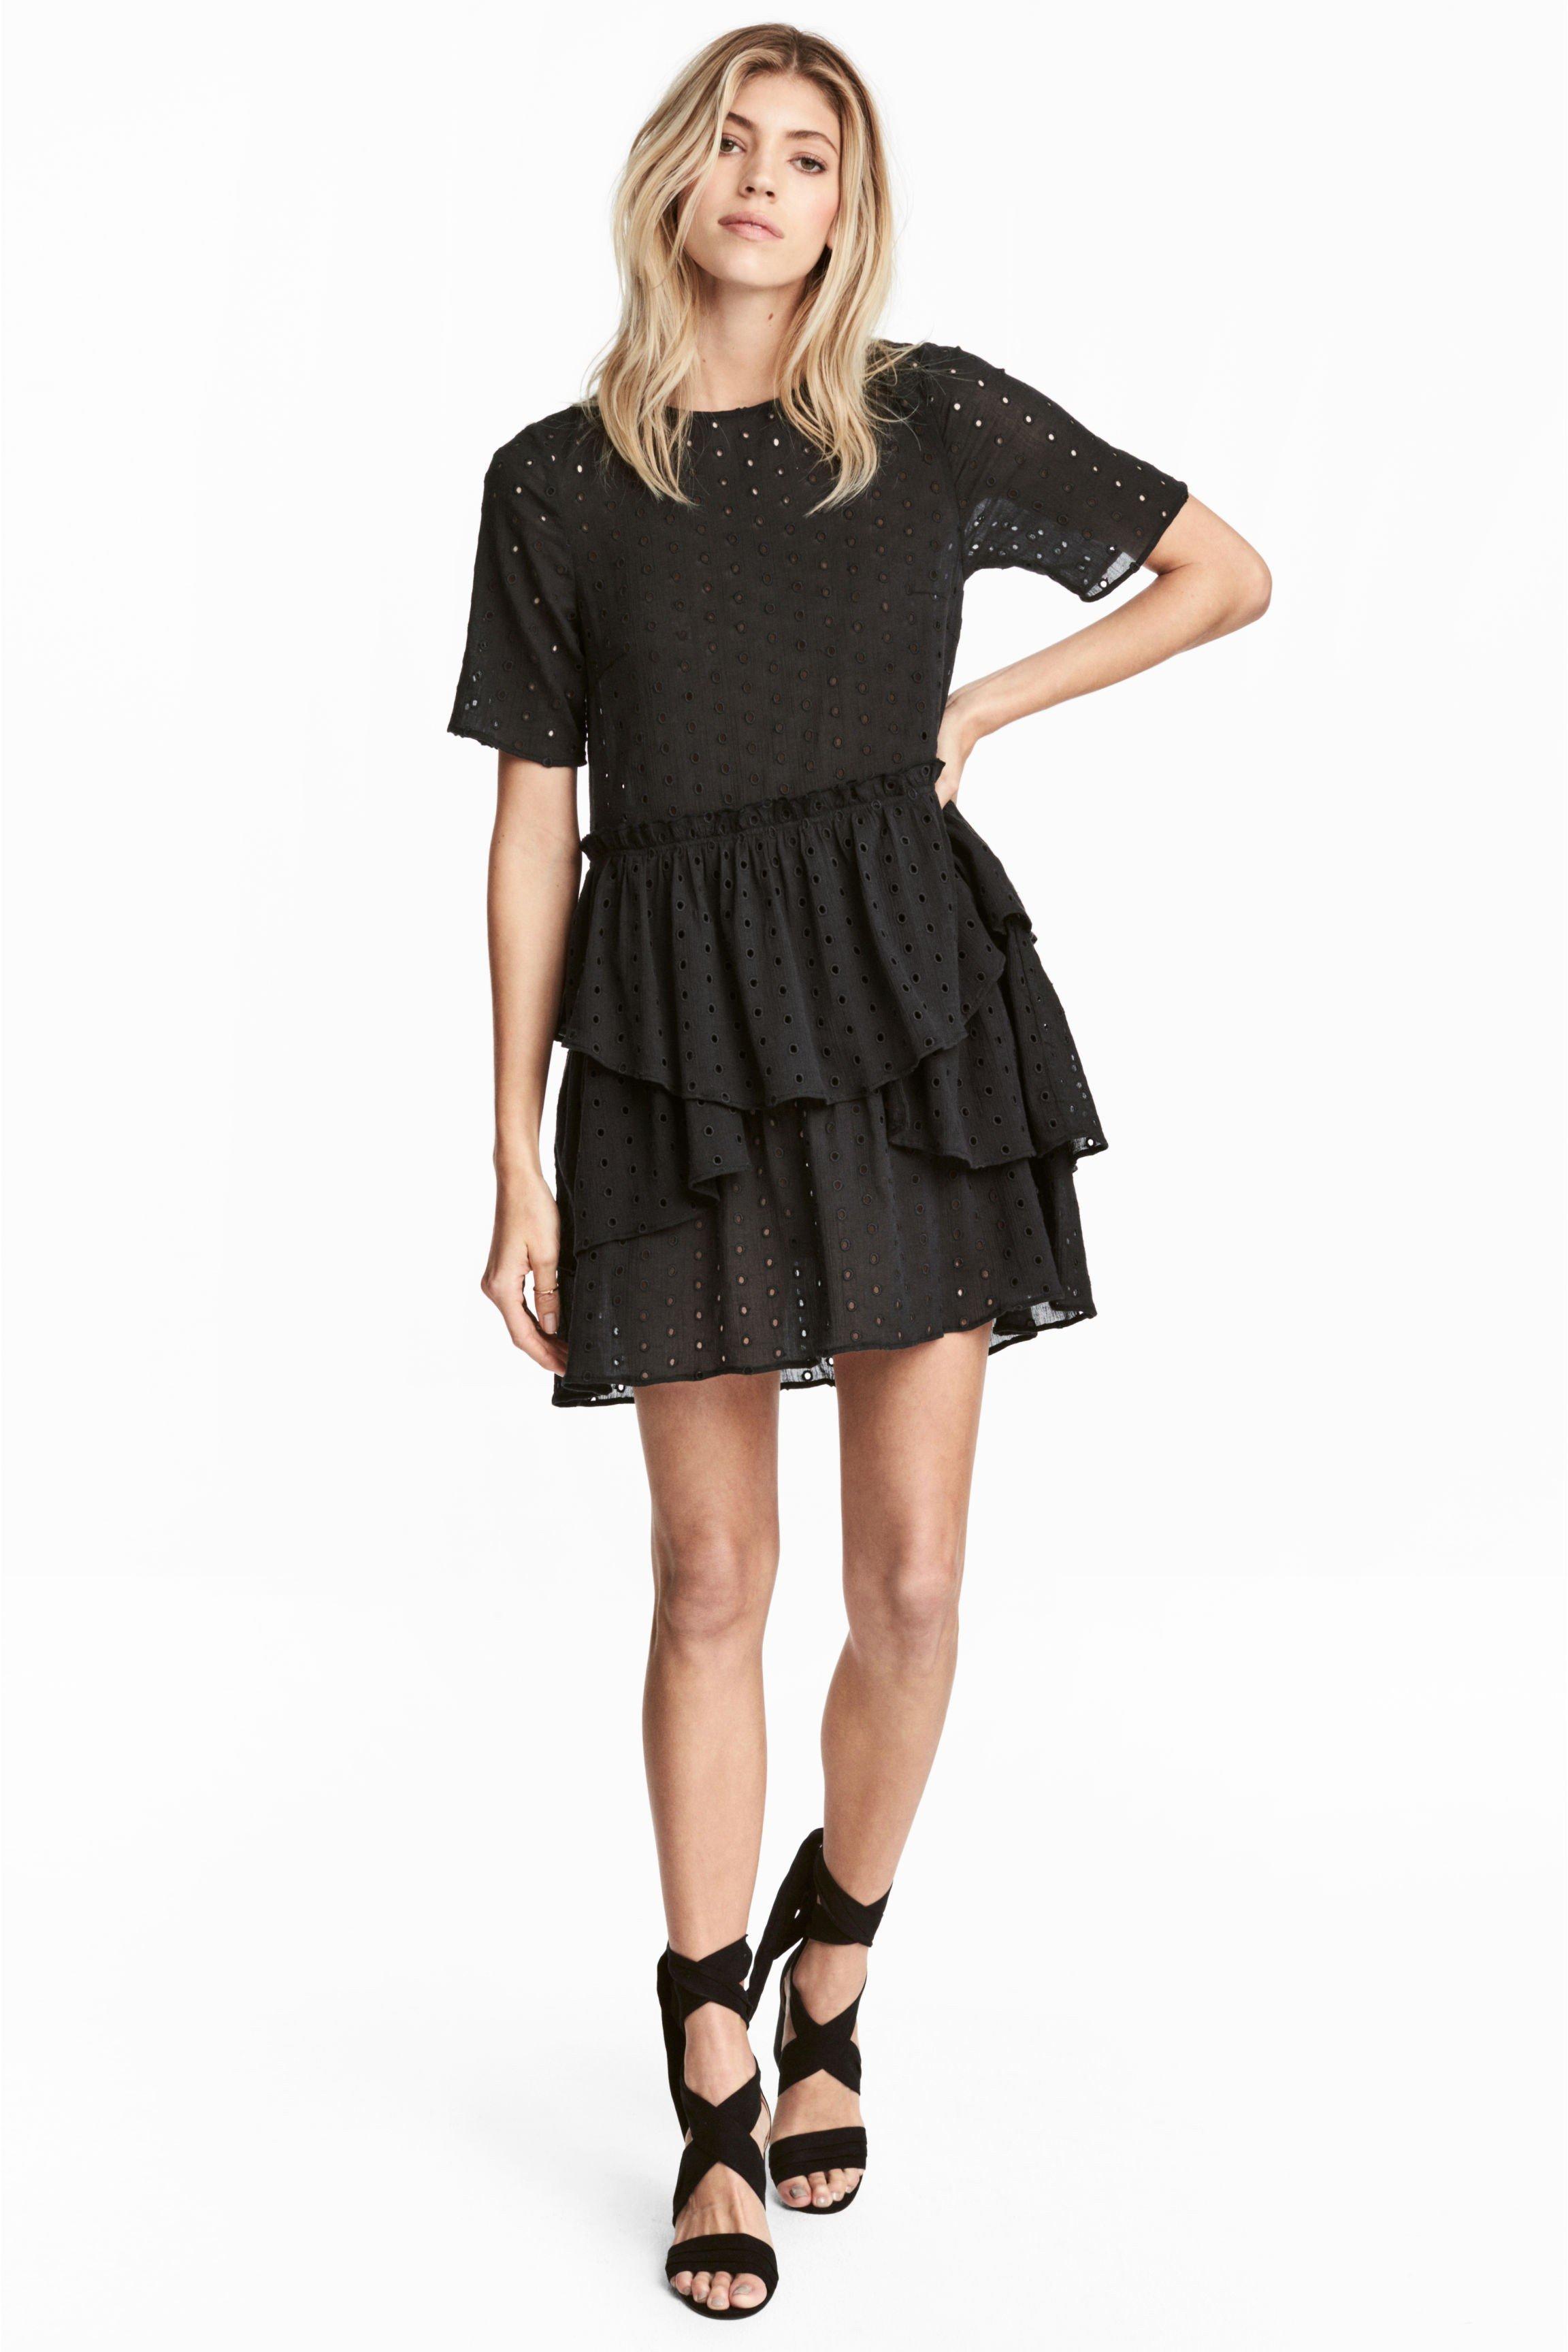 b0a779f82e33 Стильные платья 2018 года  модные тенденции, фото, новинки